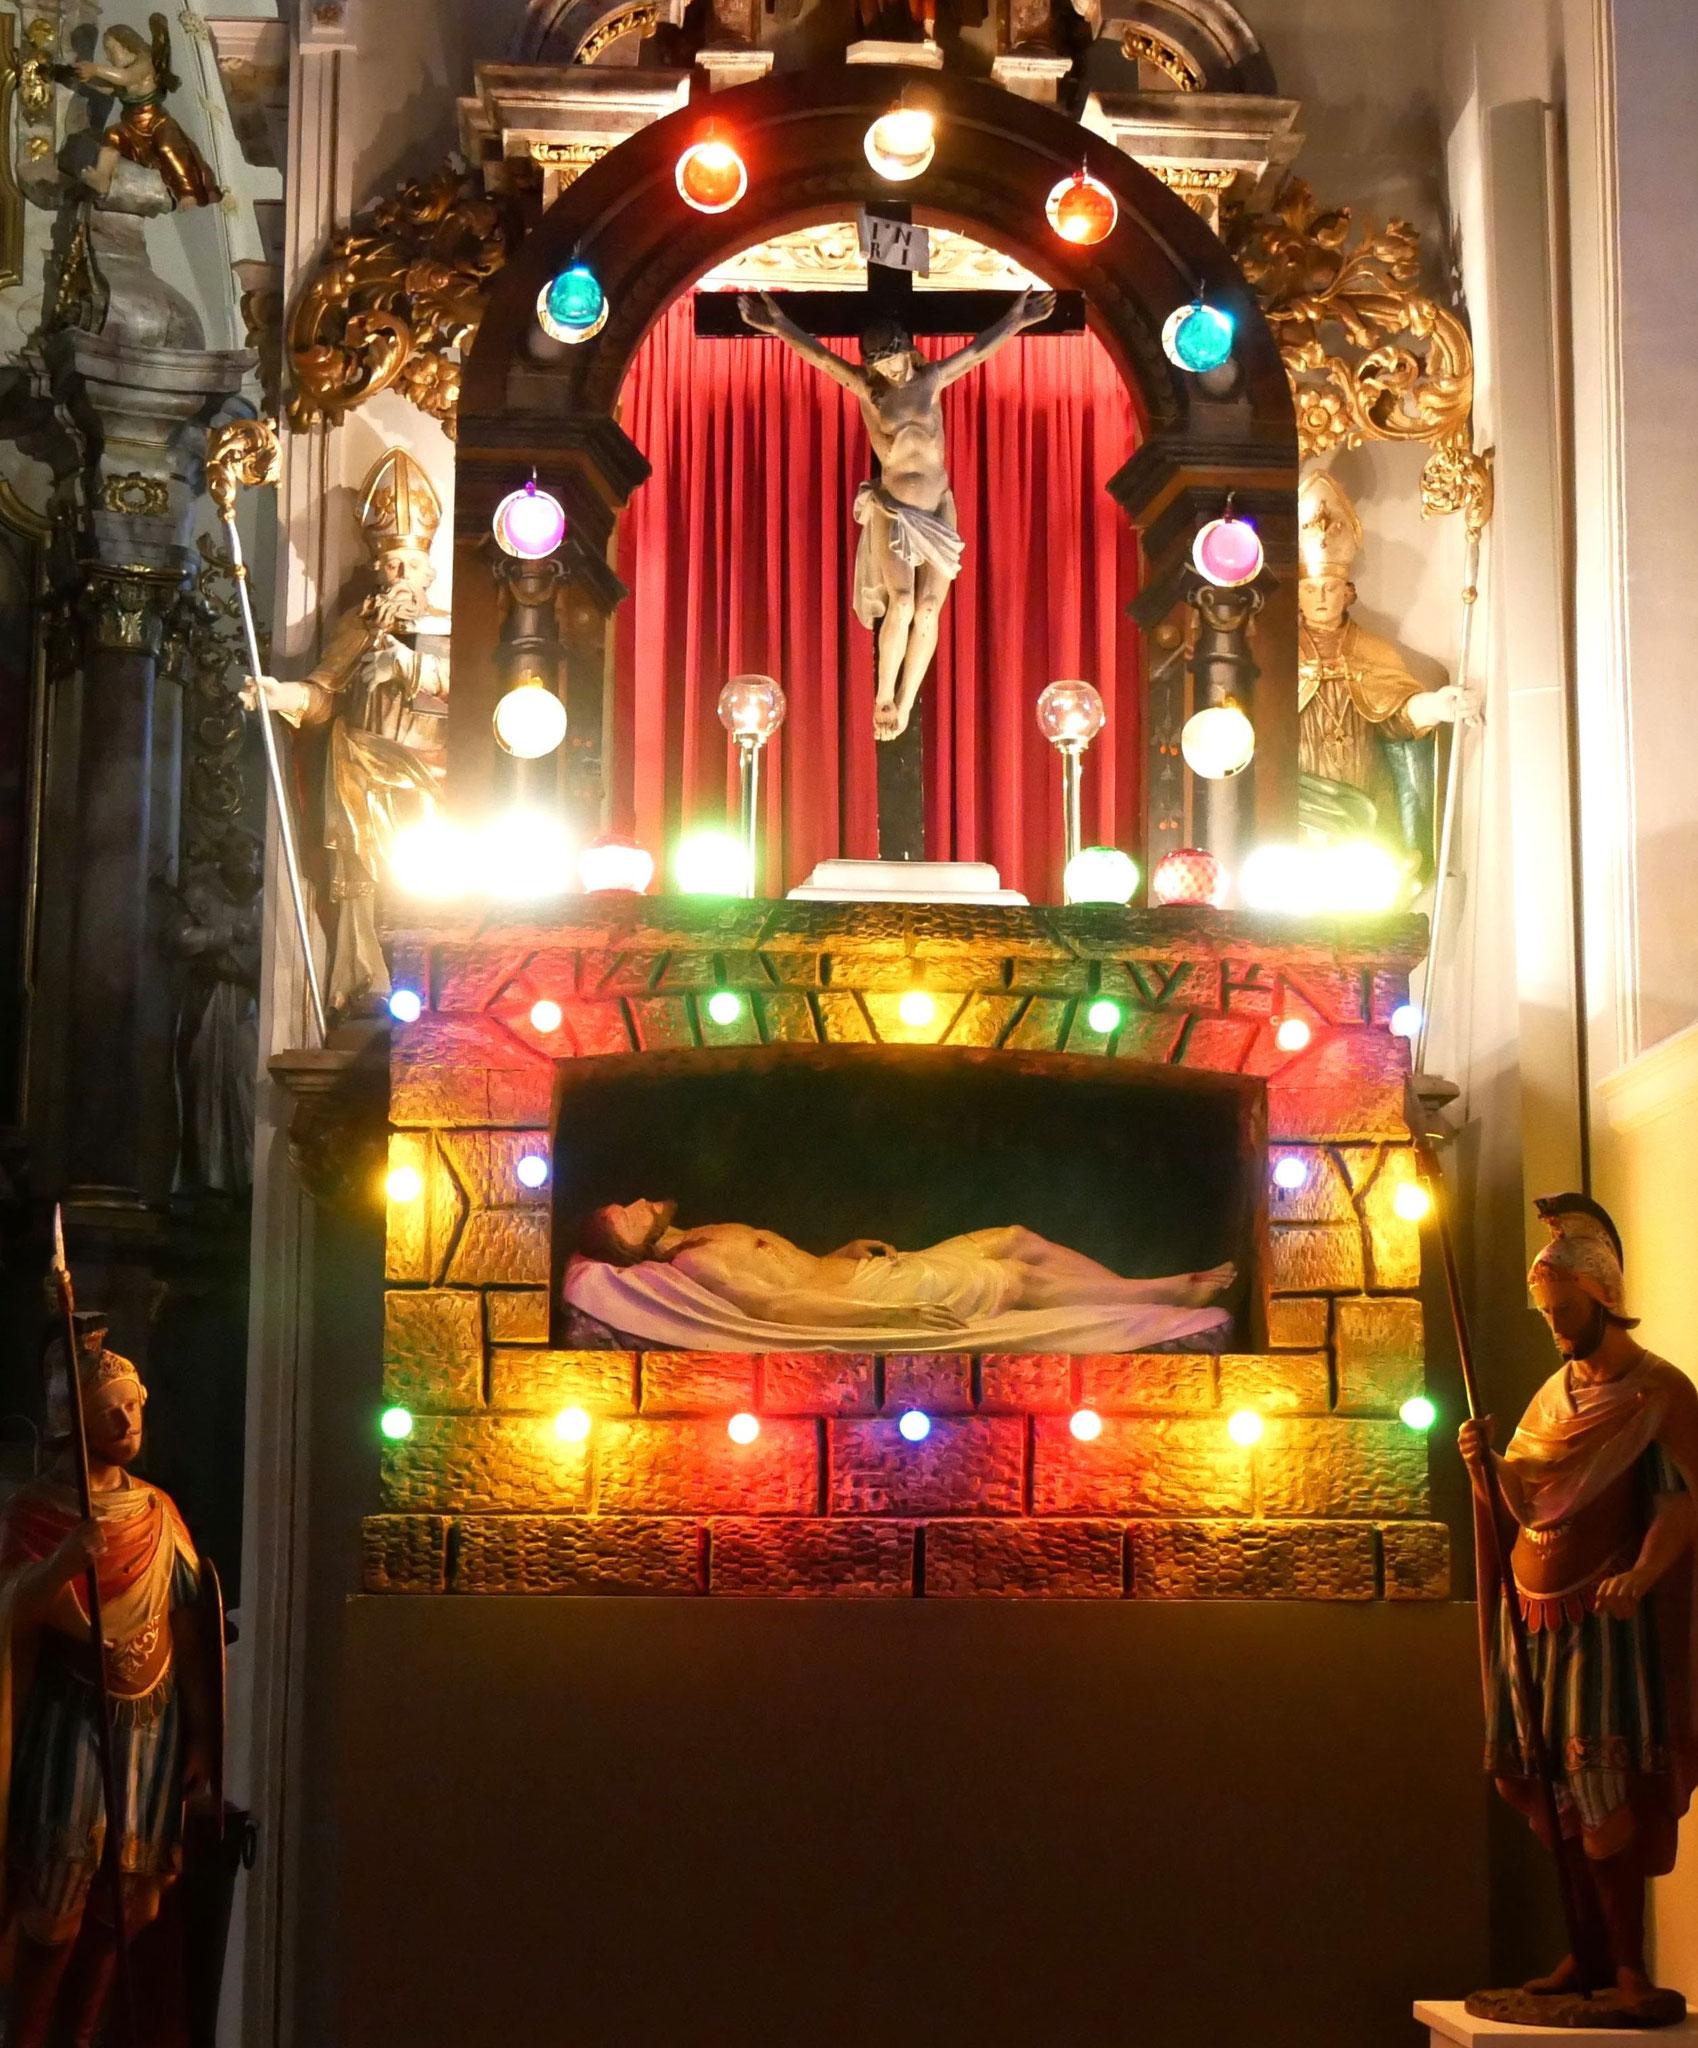 Heiliges Grab in Schoppernau - Bregenzer Wald